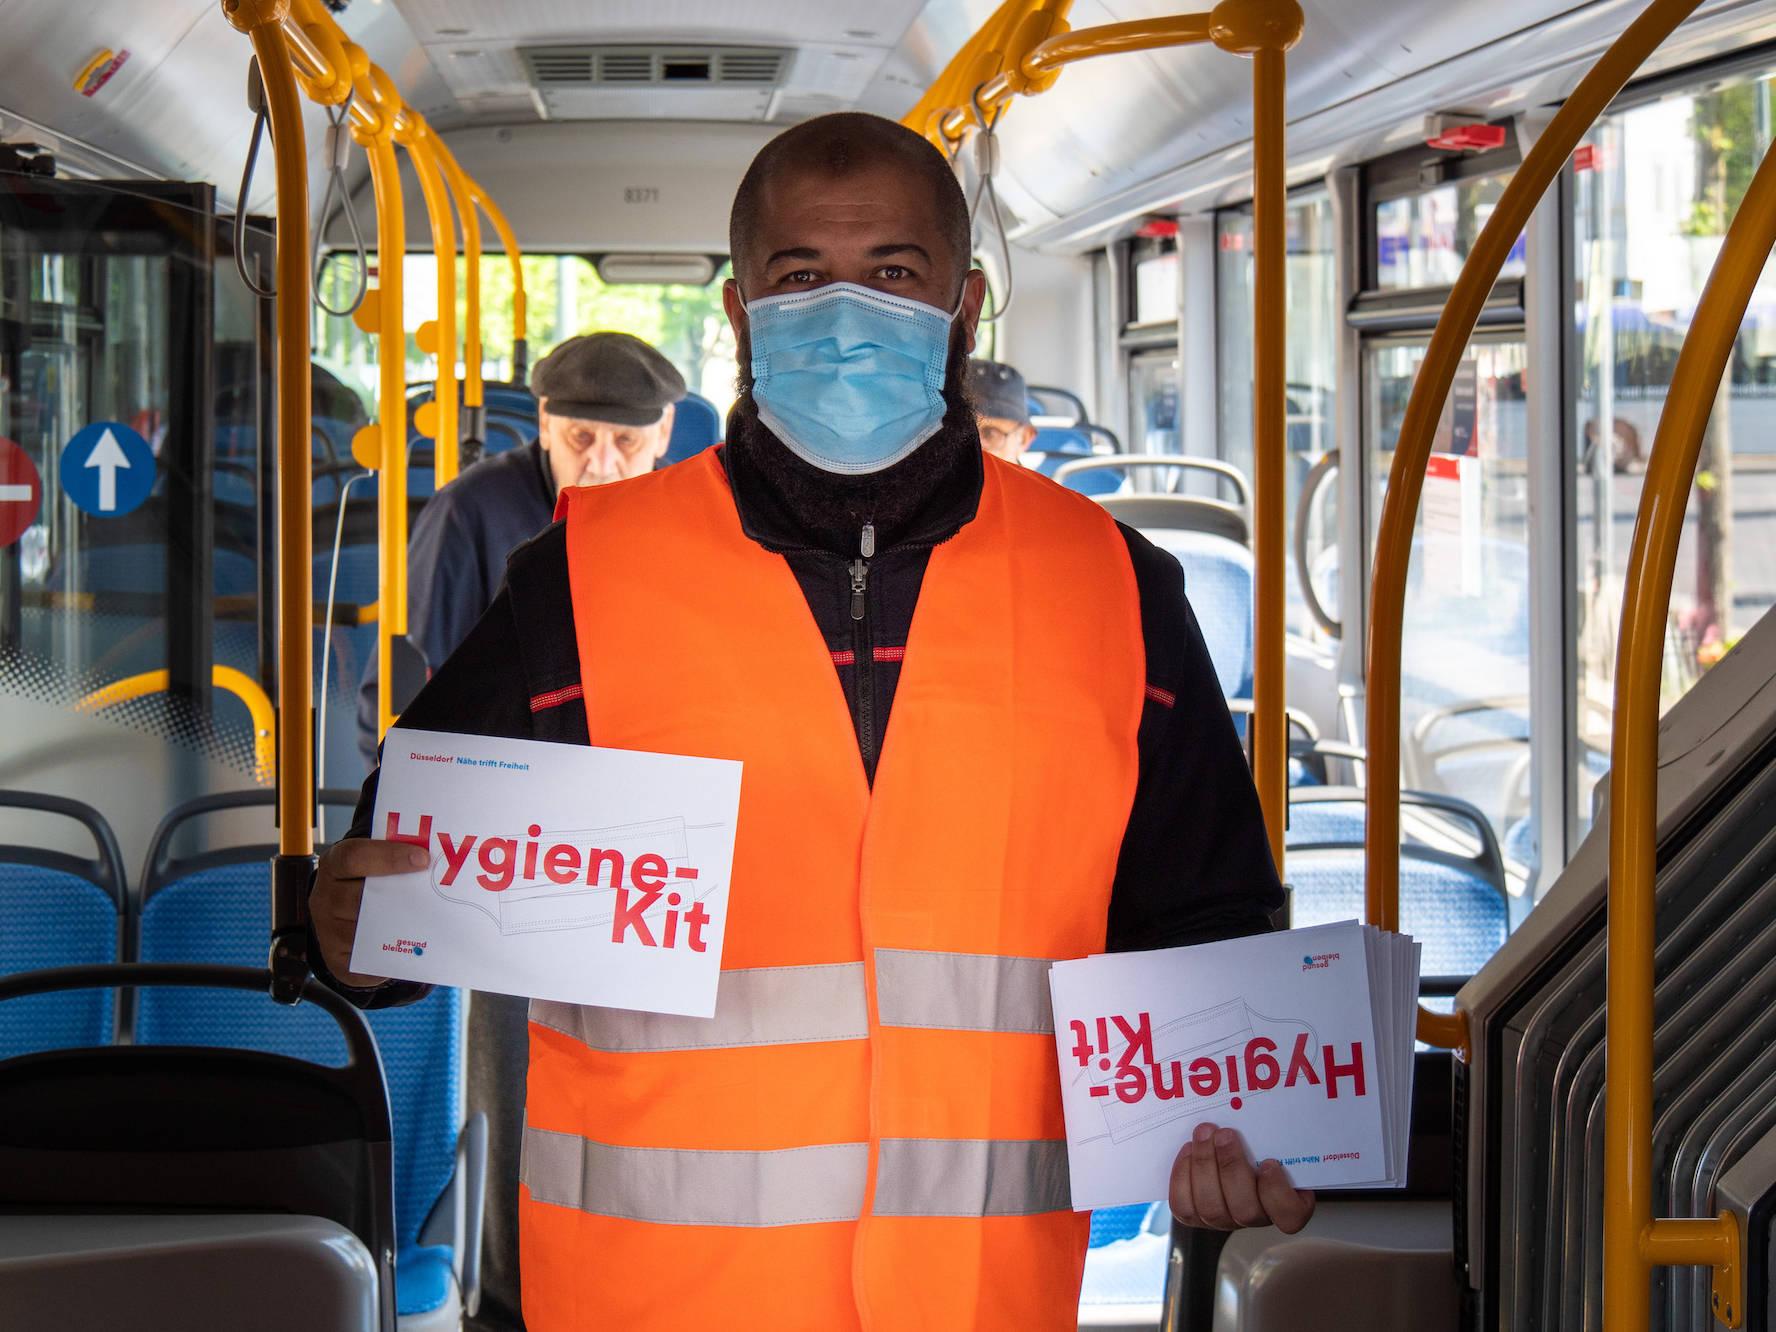 Die Stadt Düsseldorf hat Hygiene-Kits gepackt und zusammen mit der Rheinbahn an Fahrgäste verteilt.